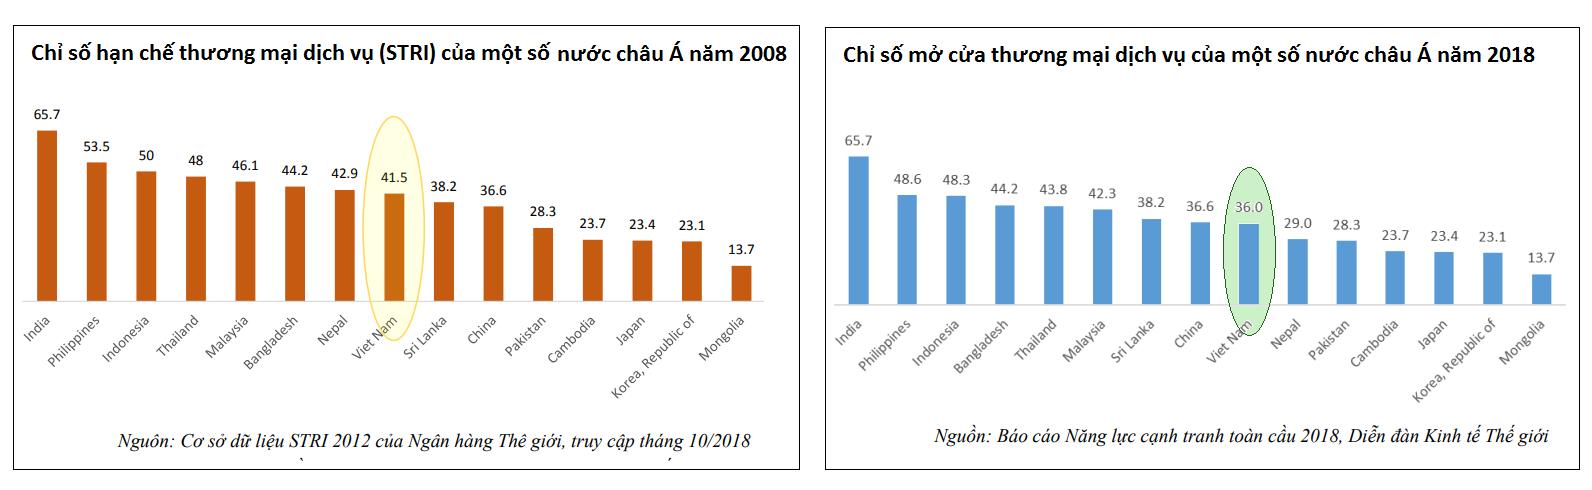 Các chỉ số vè mức độ tự do hóa thương mại dịch vụ của Việt Nam năm 2008 và 2018